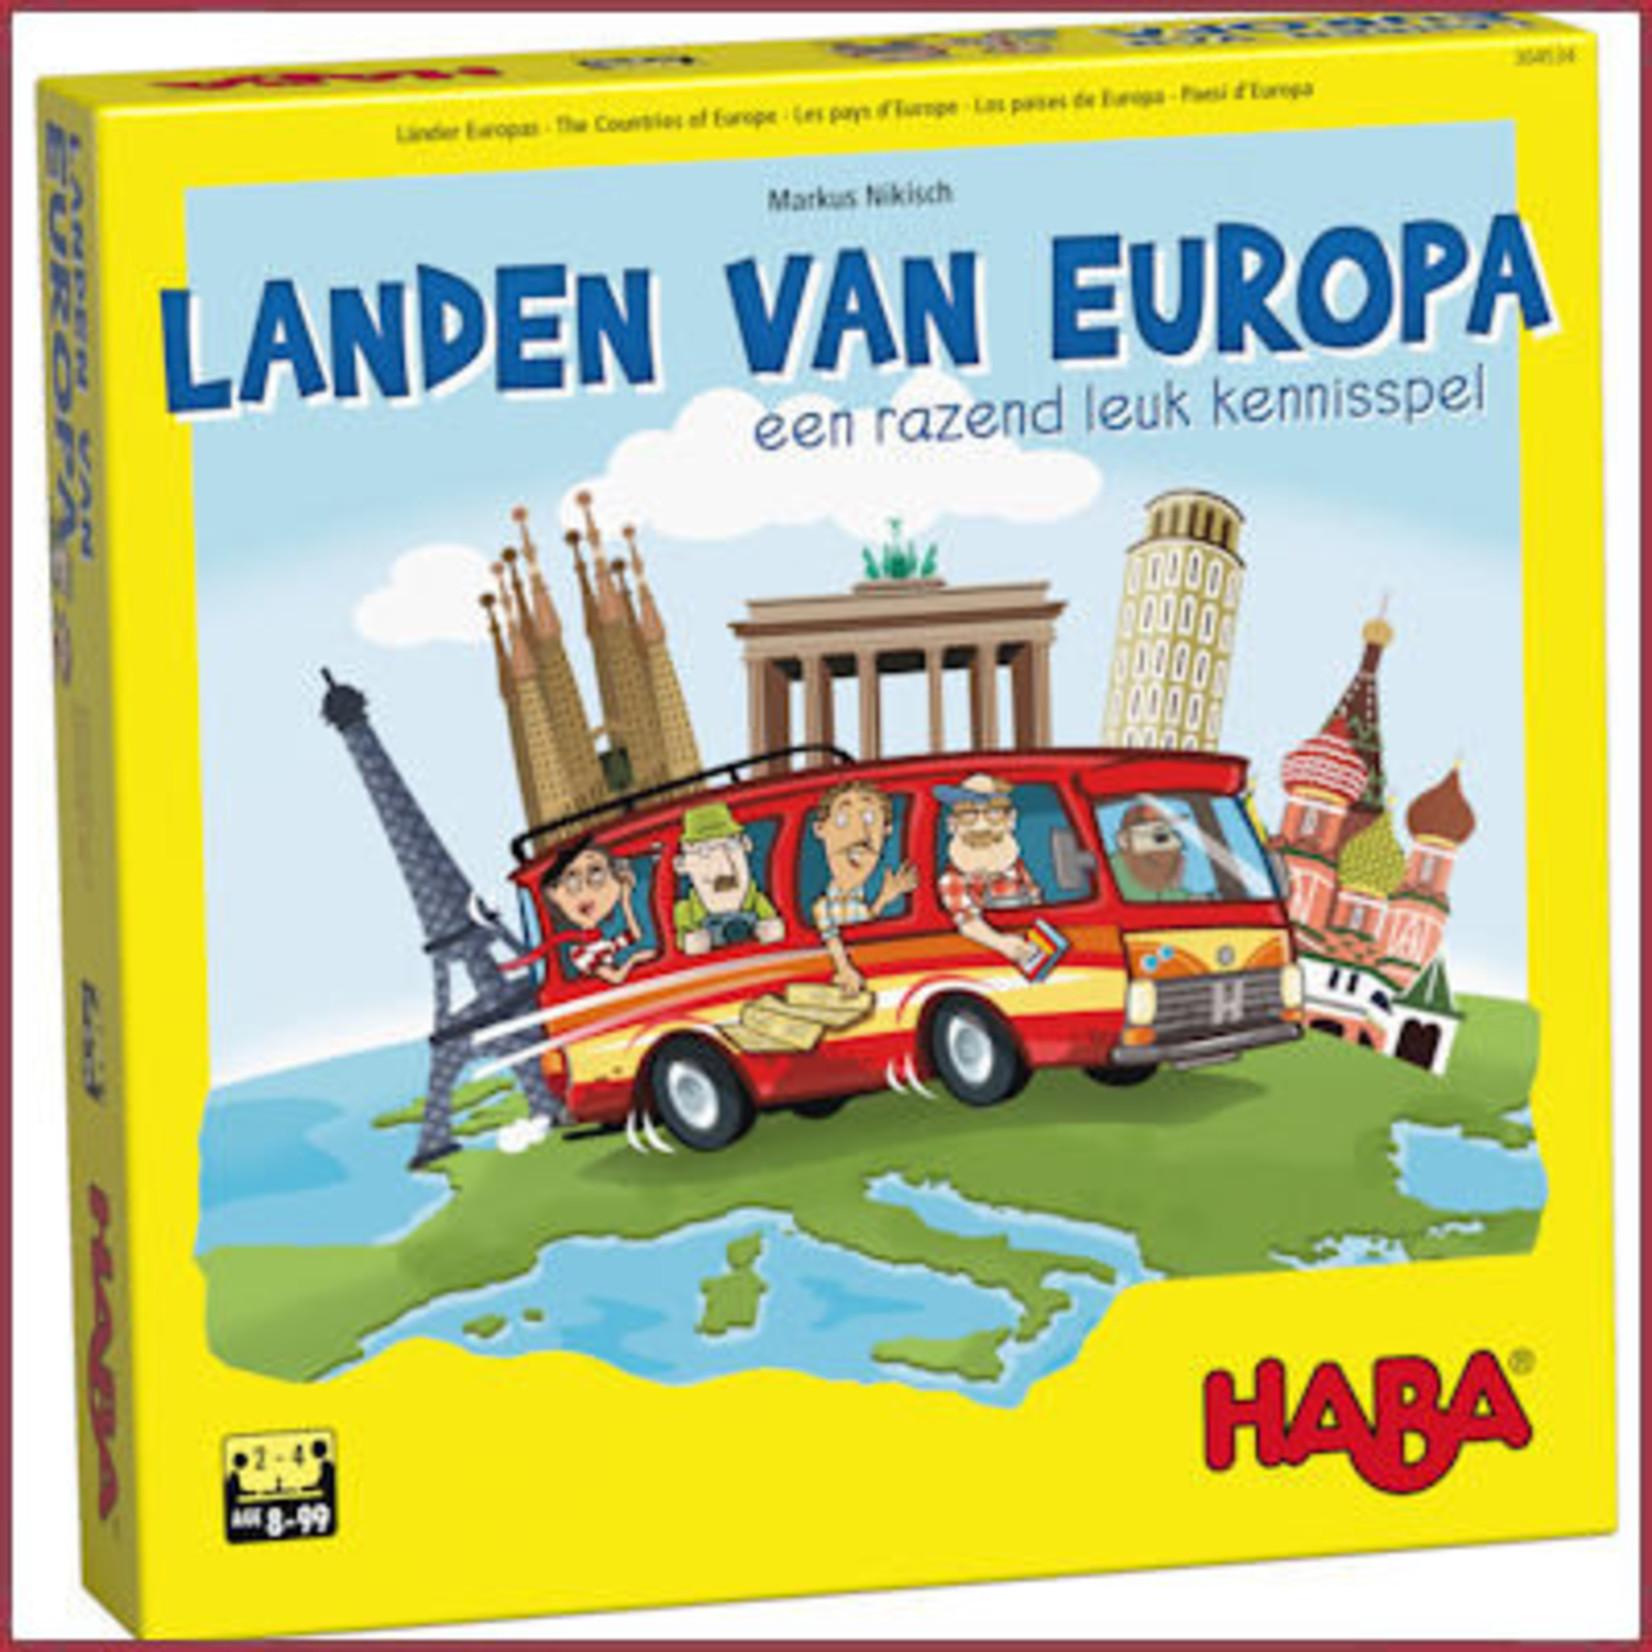 Haba Landen van Europa